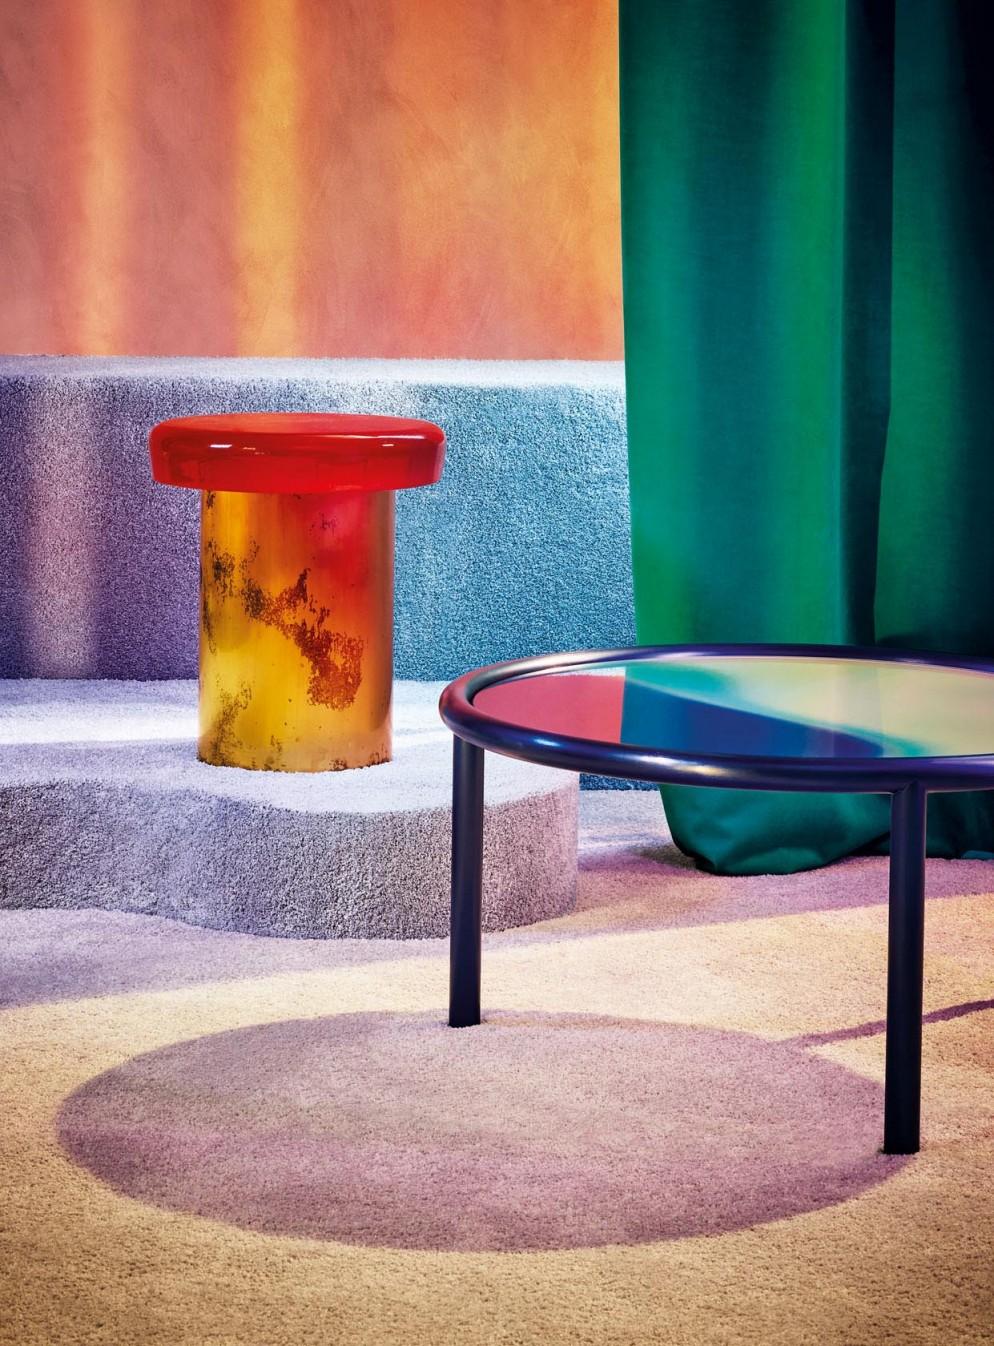 idee-arredare-casa-lampade-divani-sedie-letti-poltrone-design-issue-living-corriere-10